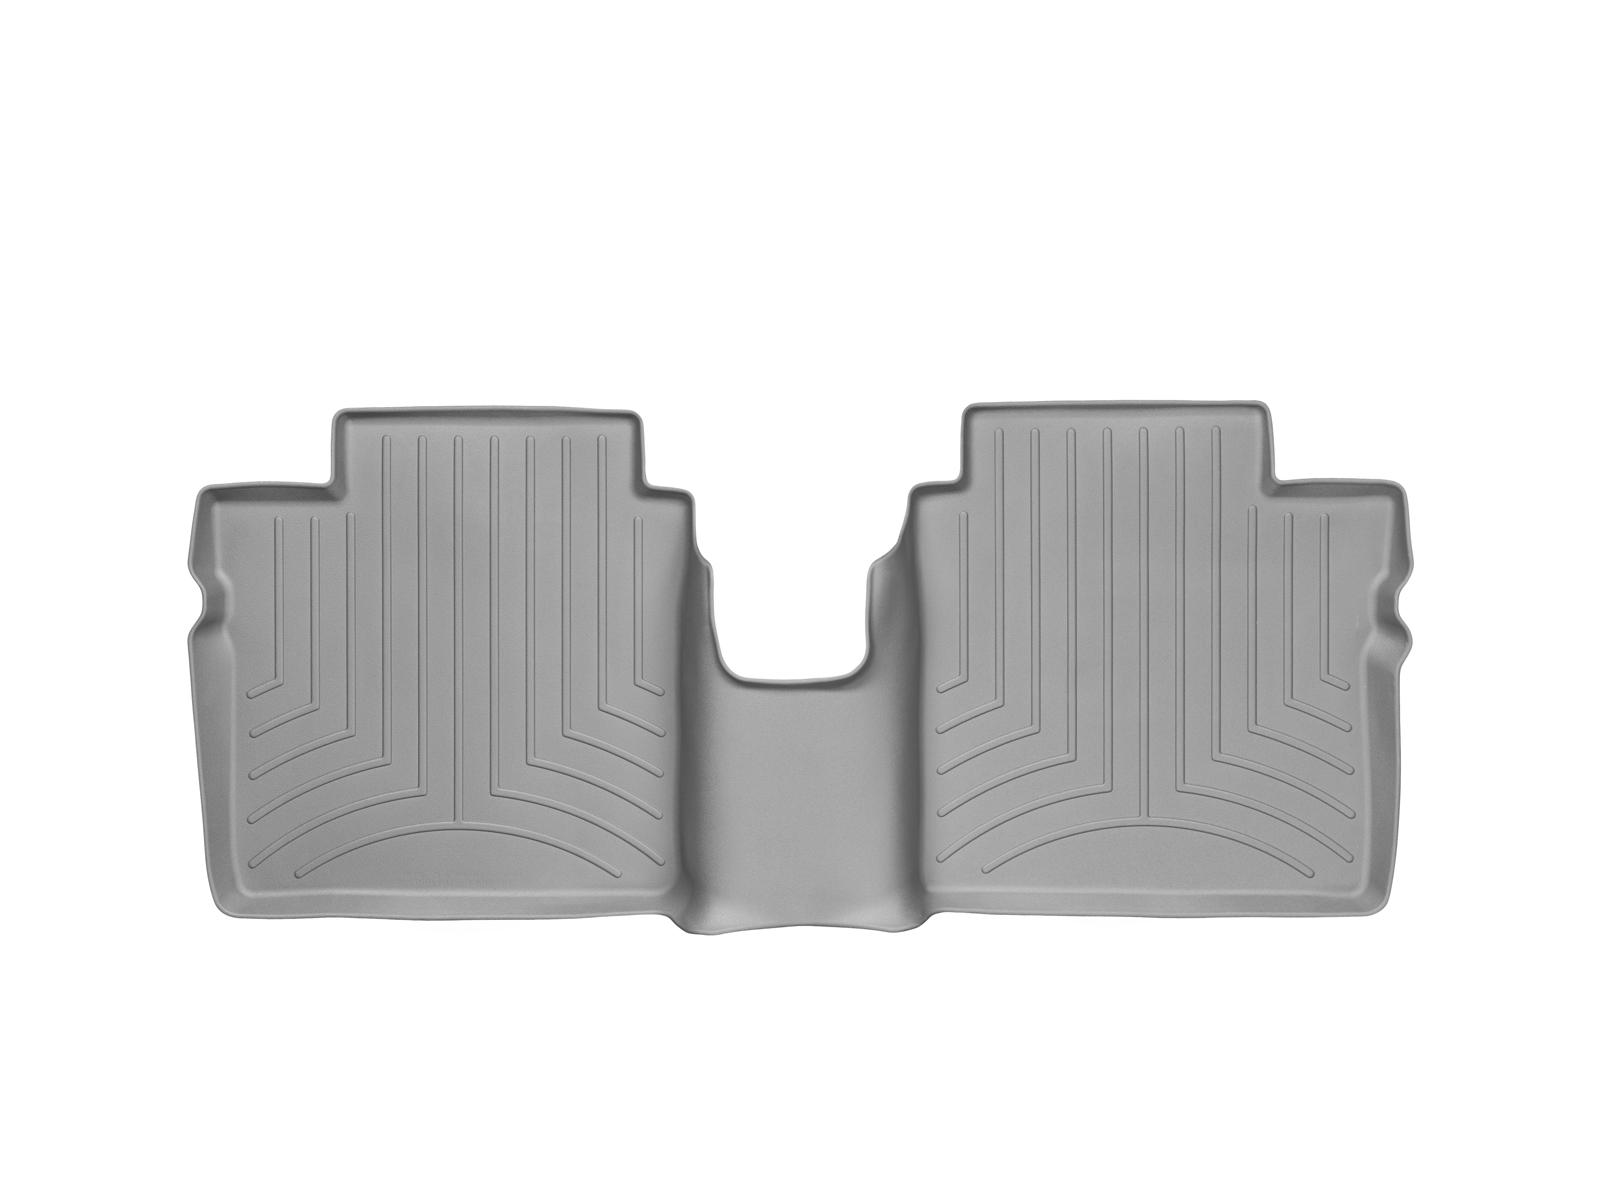 Tappeti gomma su misura bordo alto Nissan Note 13>13 Grigio A2896